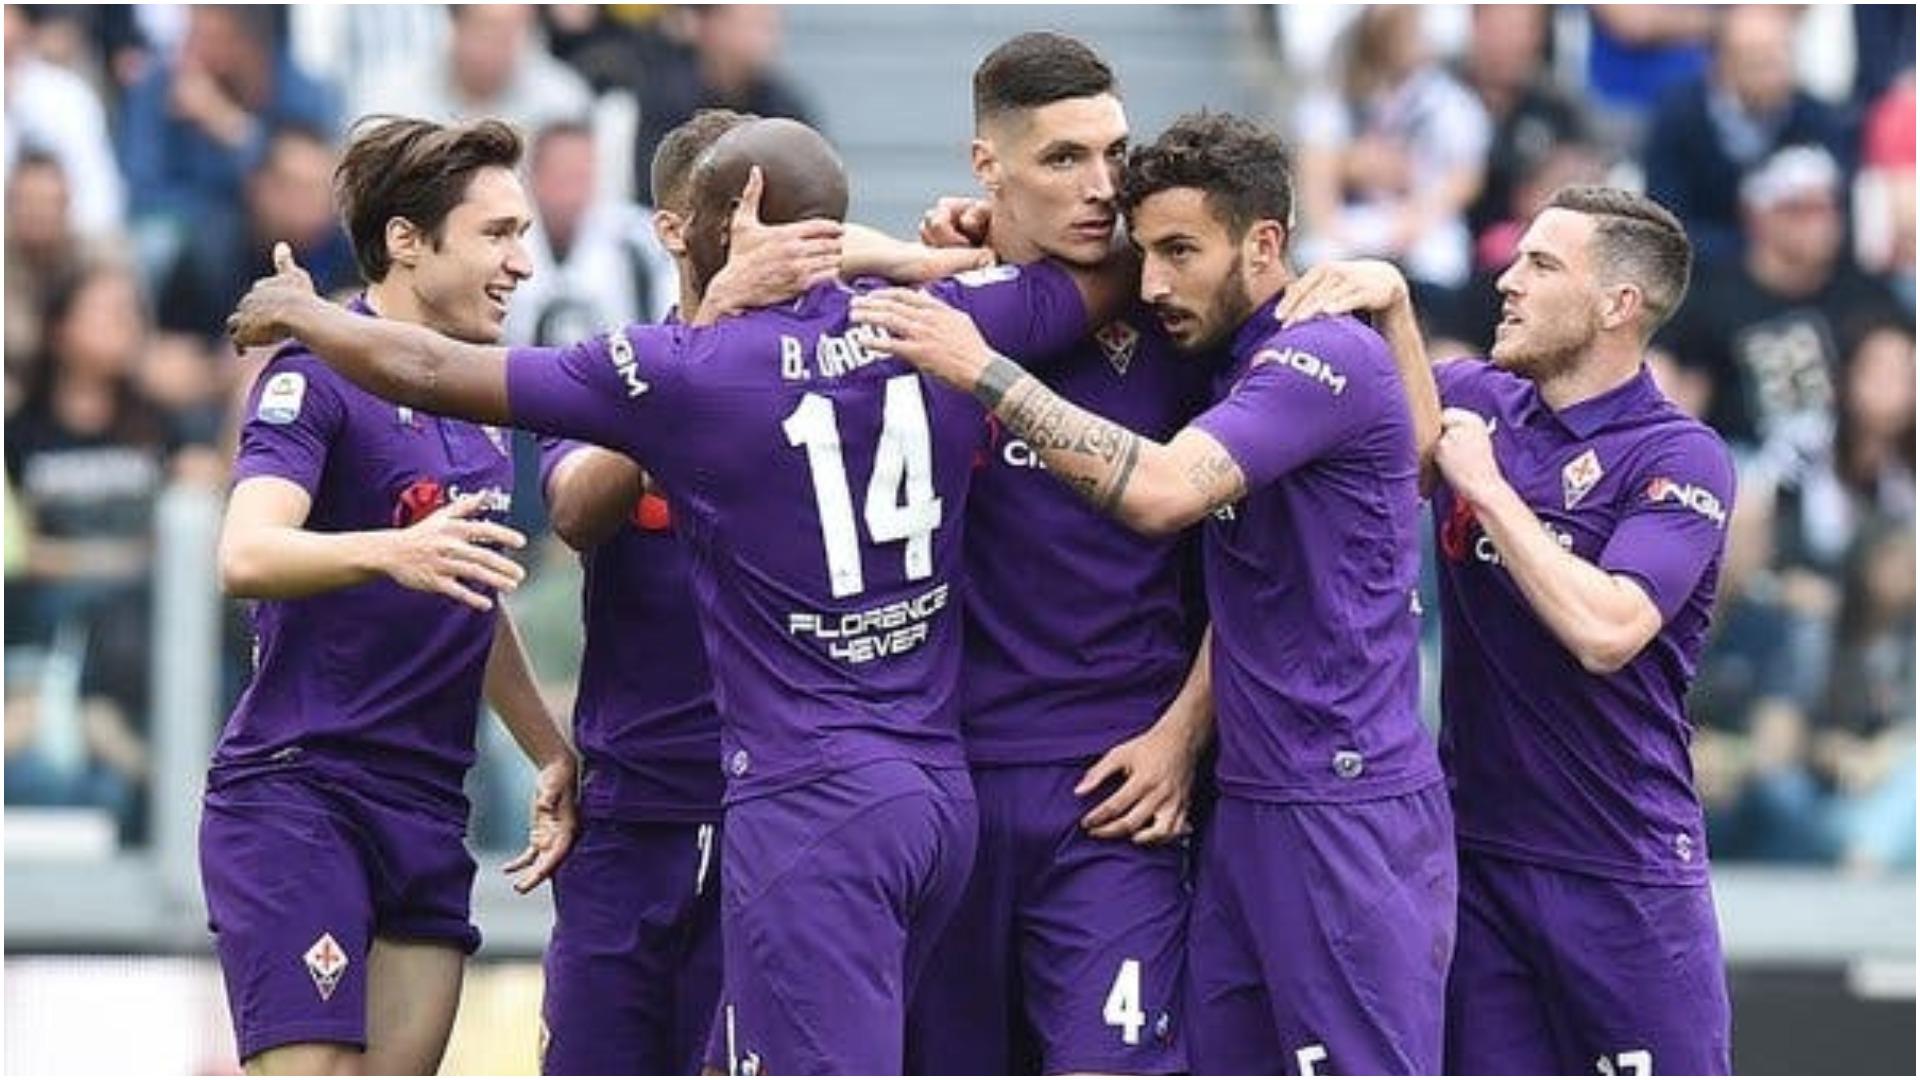 Serie A ende në rrezik, gjashtë pozitivë me Koronavirus te Fiorentina